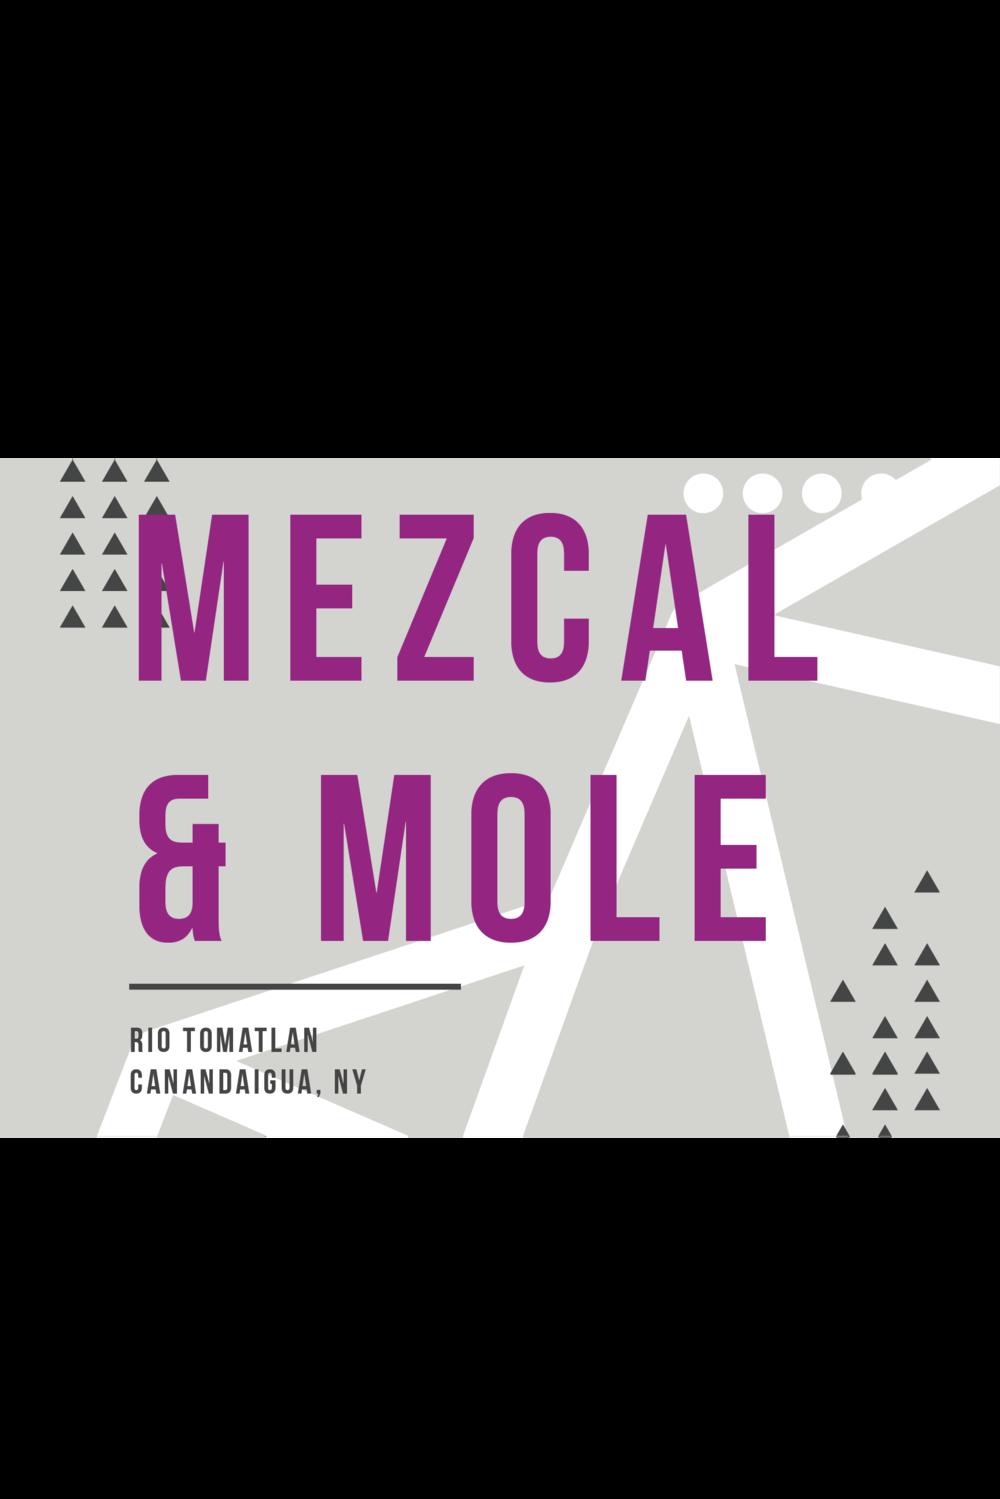 mezcalmoleTHUMB.png